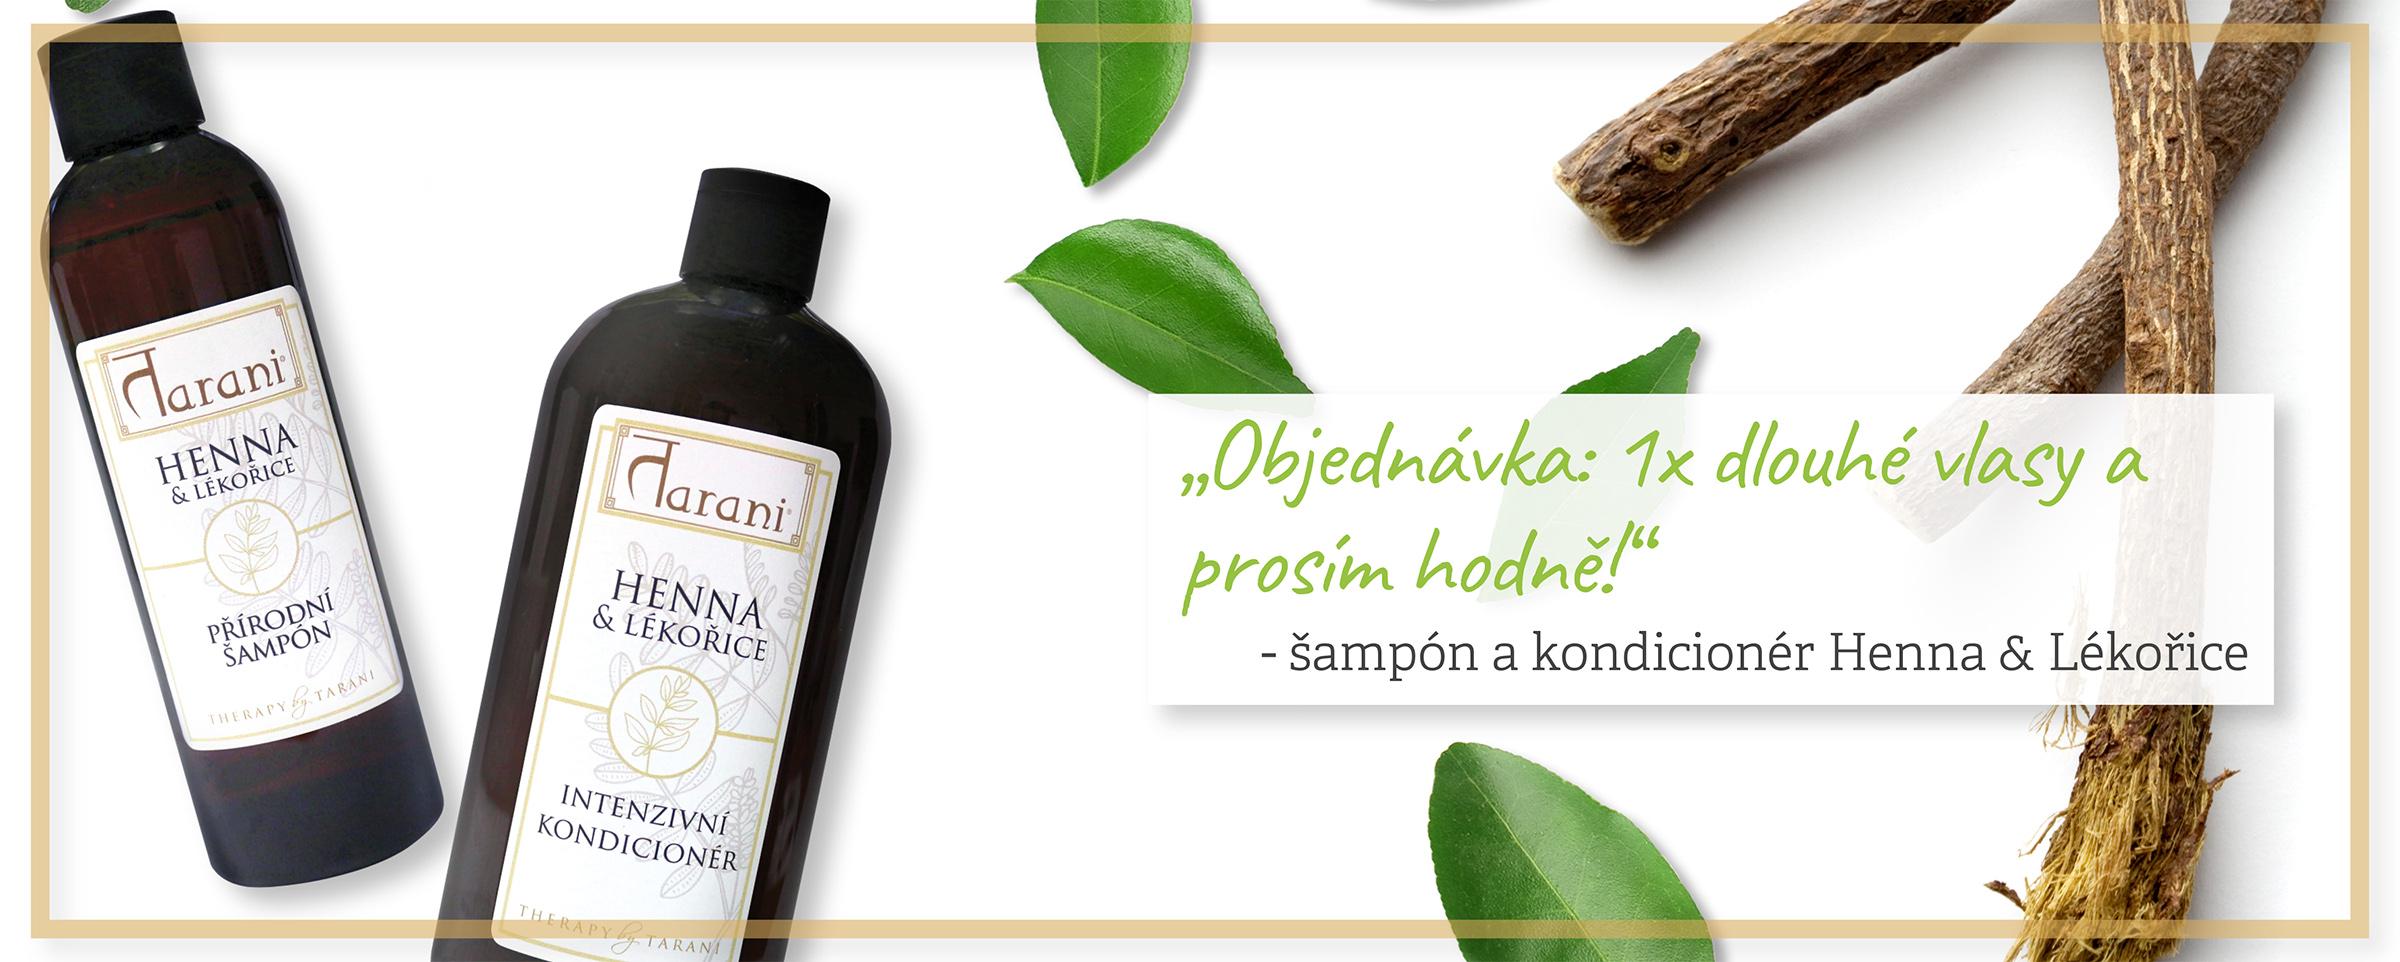 Henna lékořice šampón kondicionér zdravé vlasy přírodní péče ajurvéda Tarani